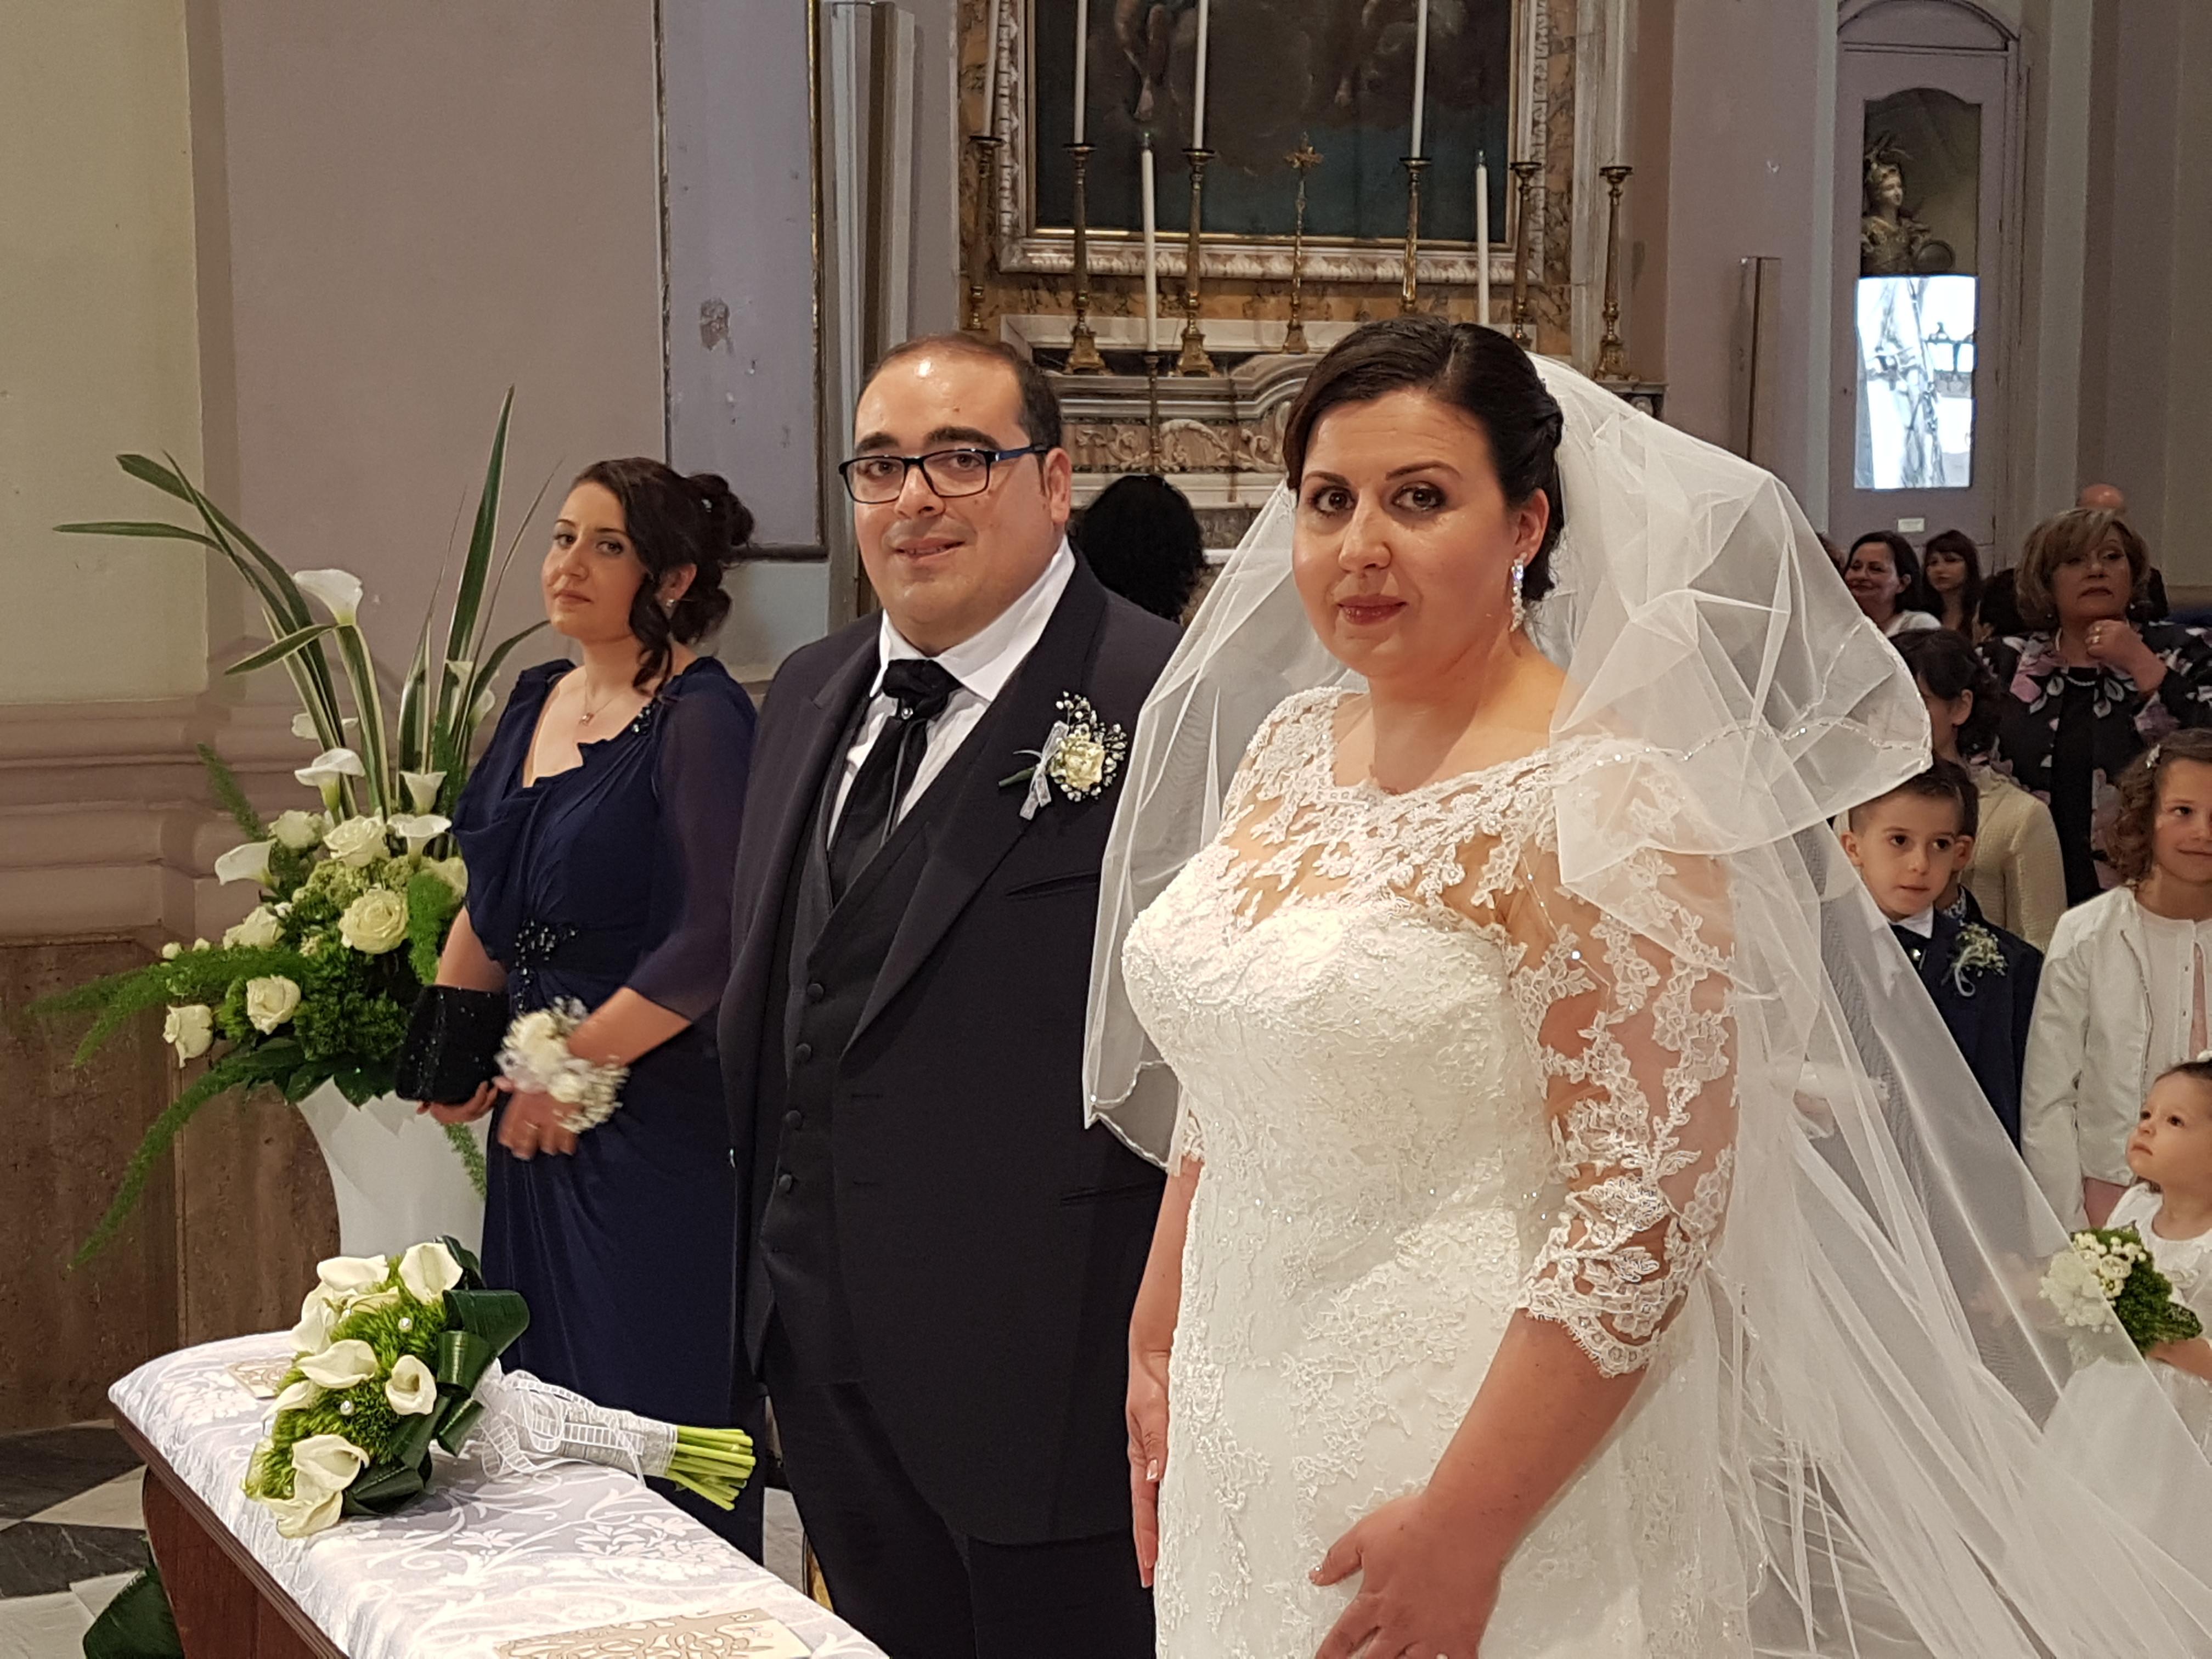 QuiMesagne in festa, Ivano e Antonella si sposano: auguri amici